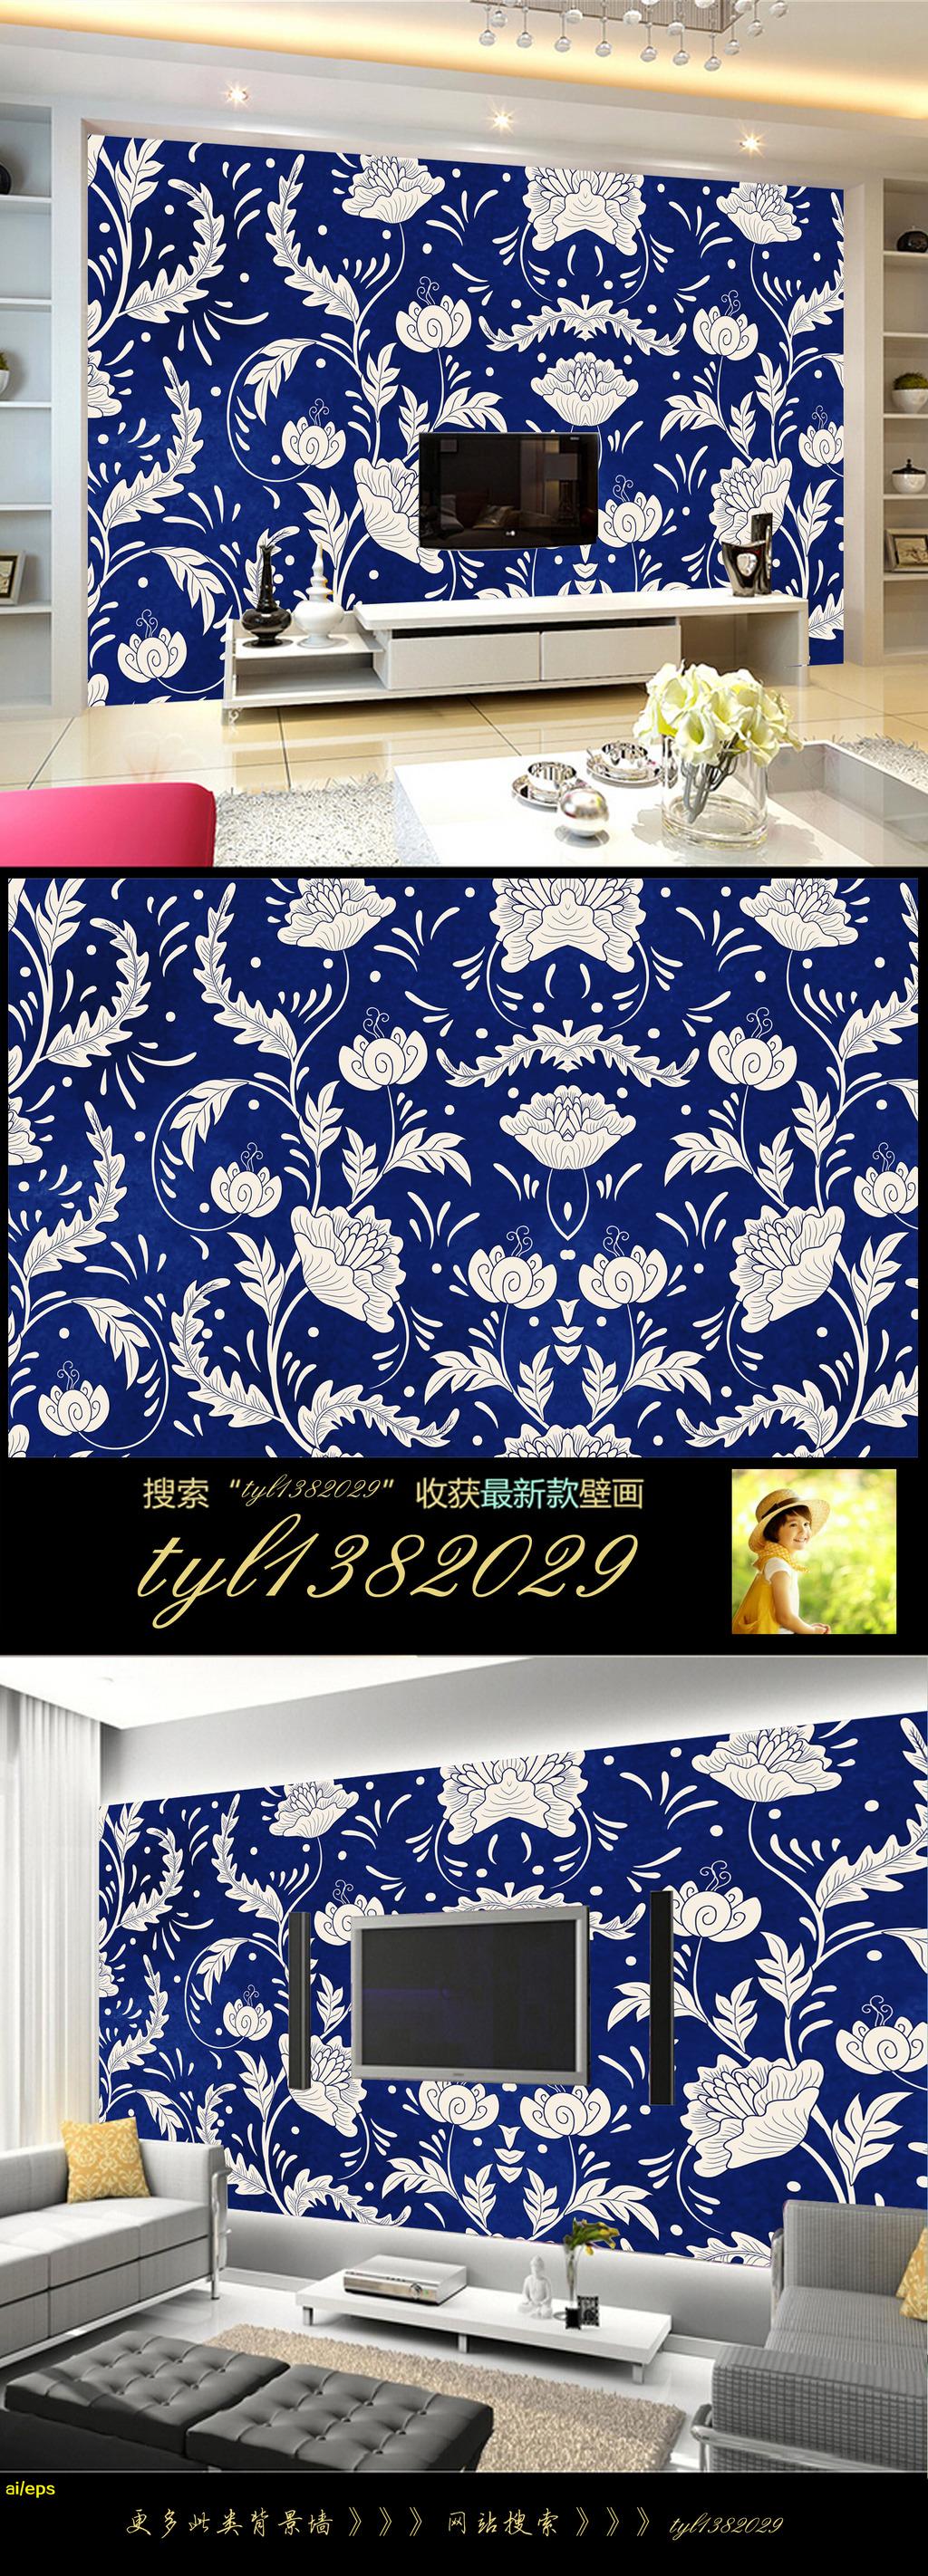 蓝色小碎花手绘花纹电视背景墙